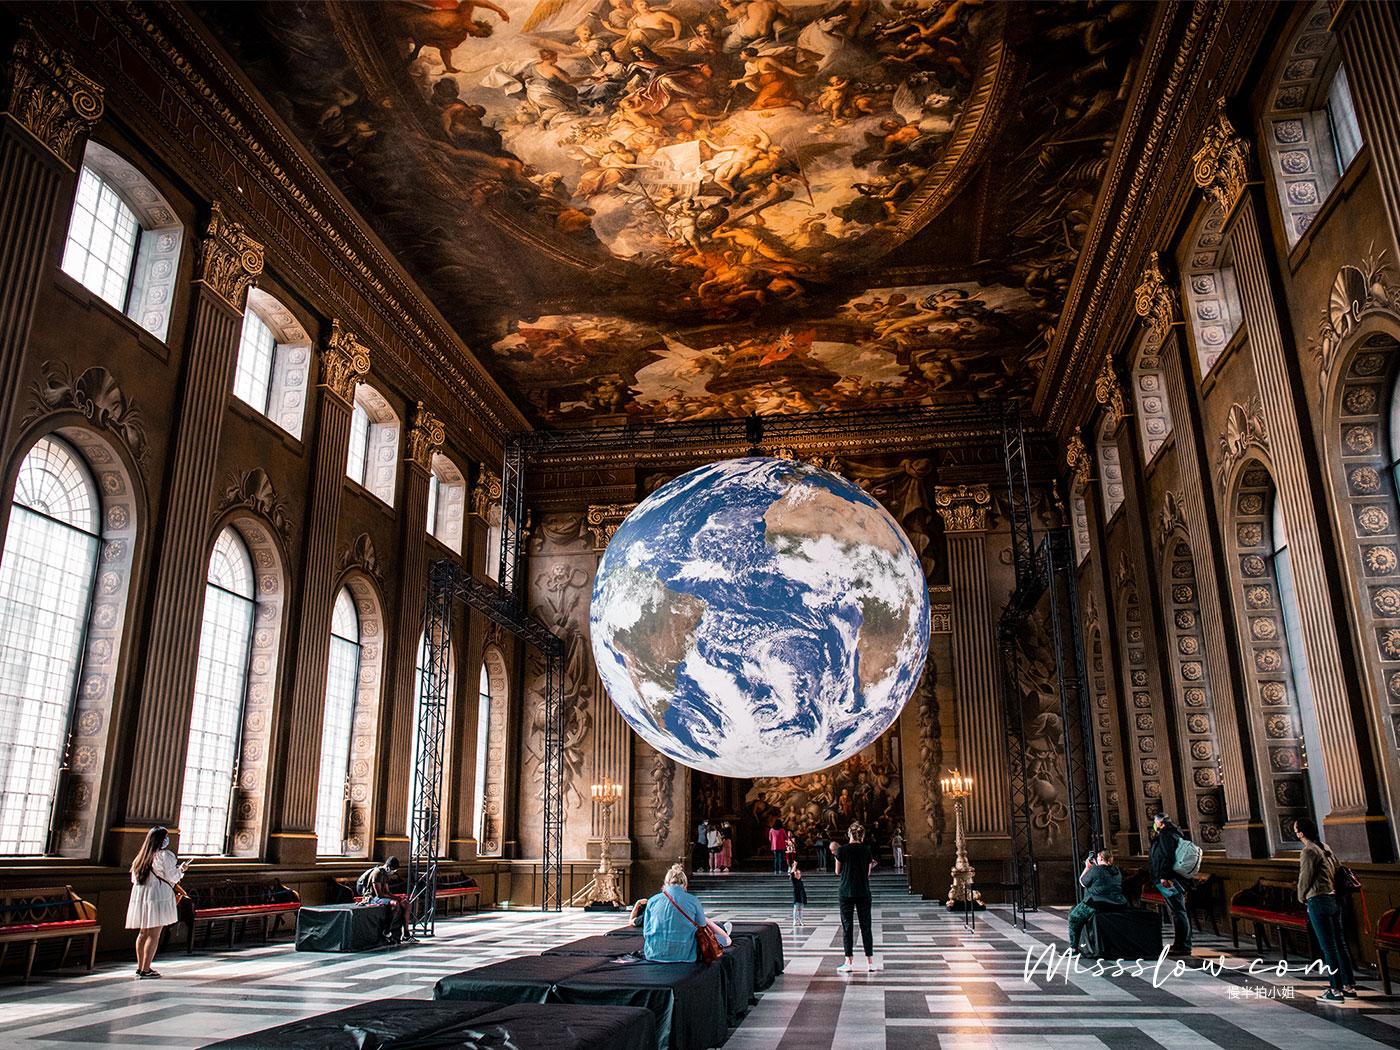 舊皇家海軍學院Old Royal Naval College-彩繪大廳the Painted Hall